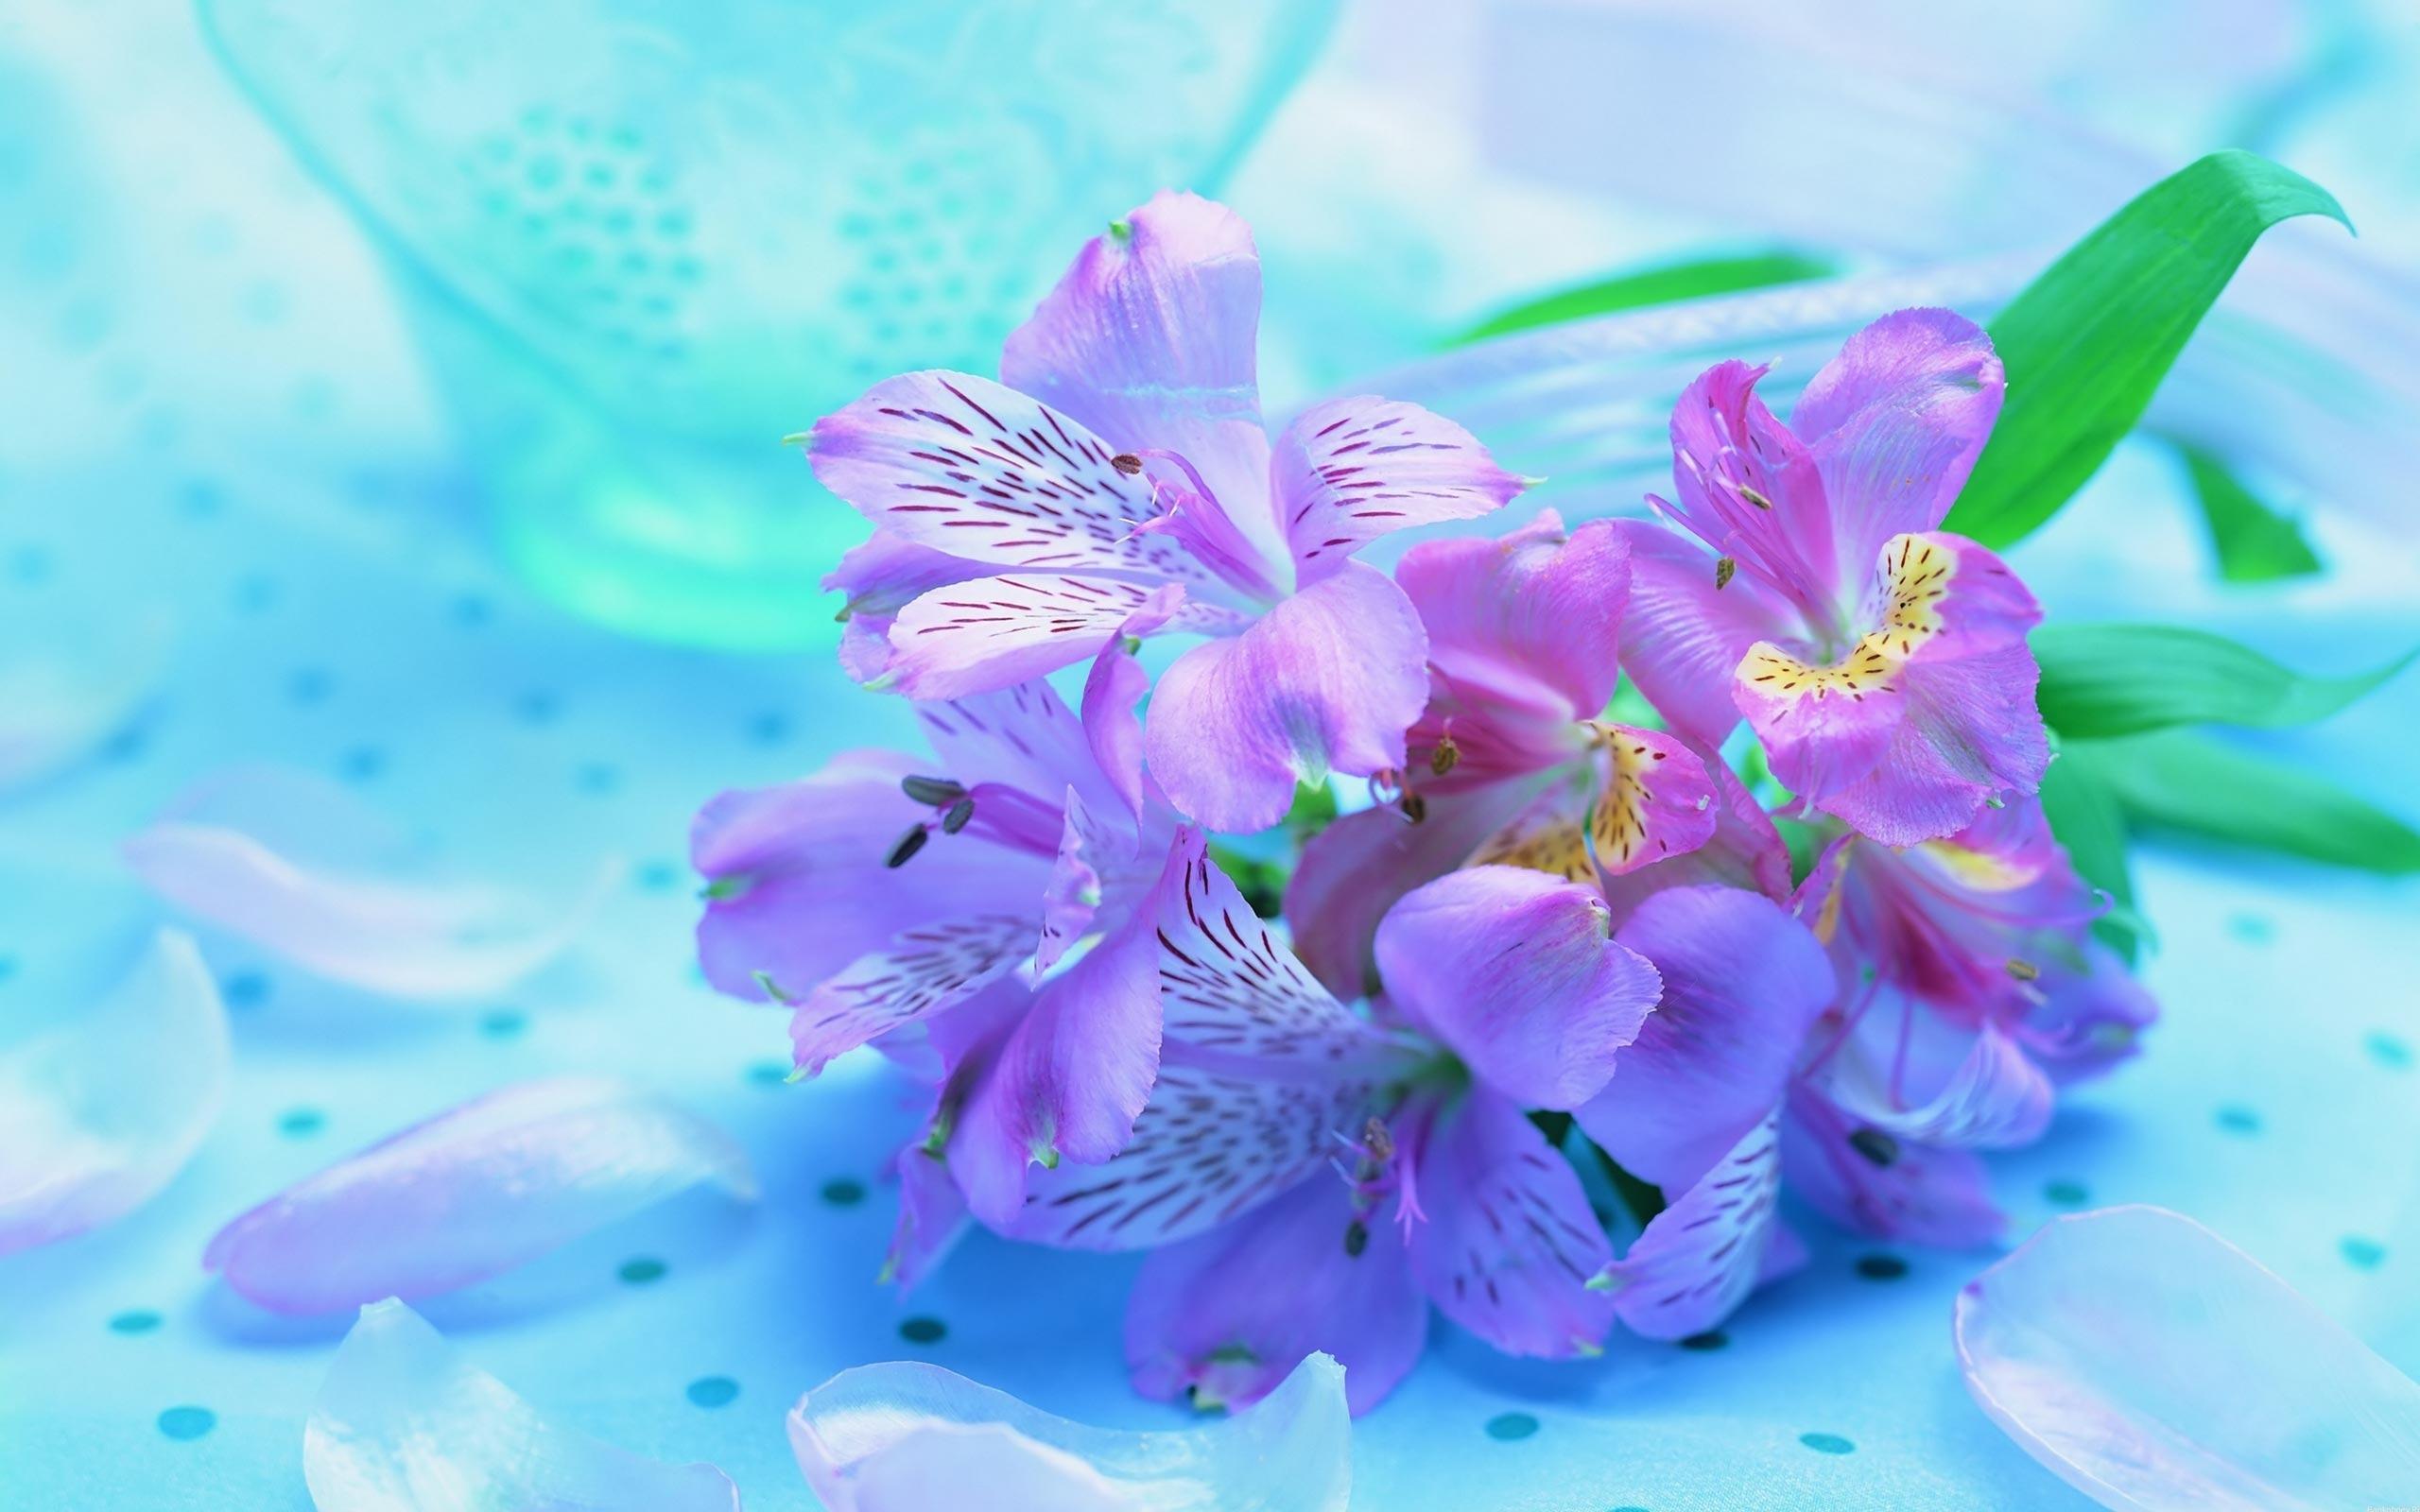 Букет ирисов яркие нежные цветы 2560x1600